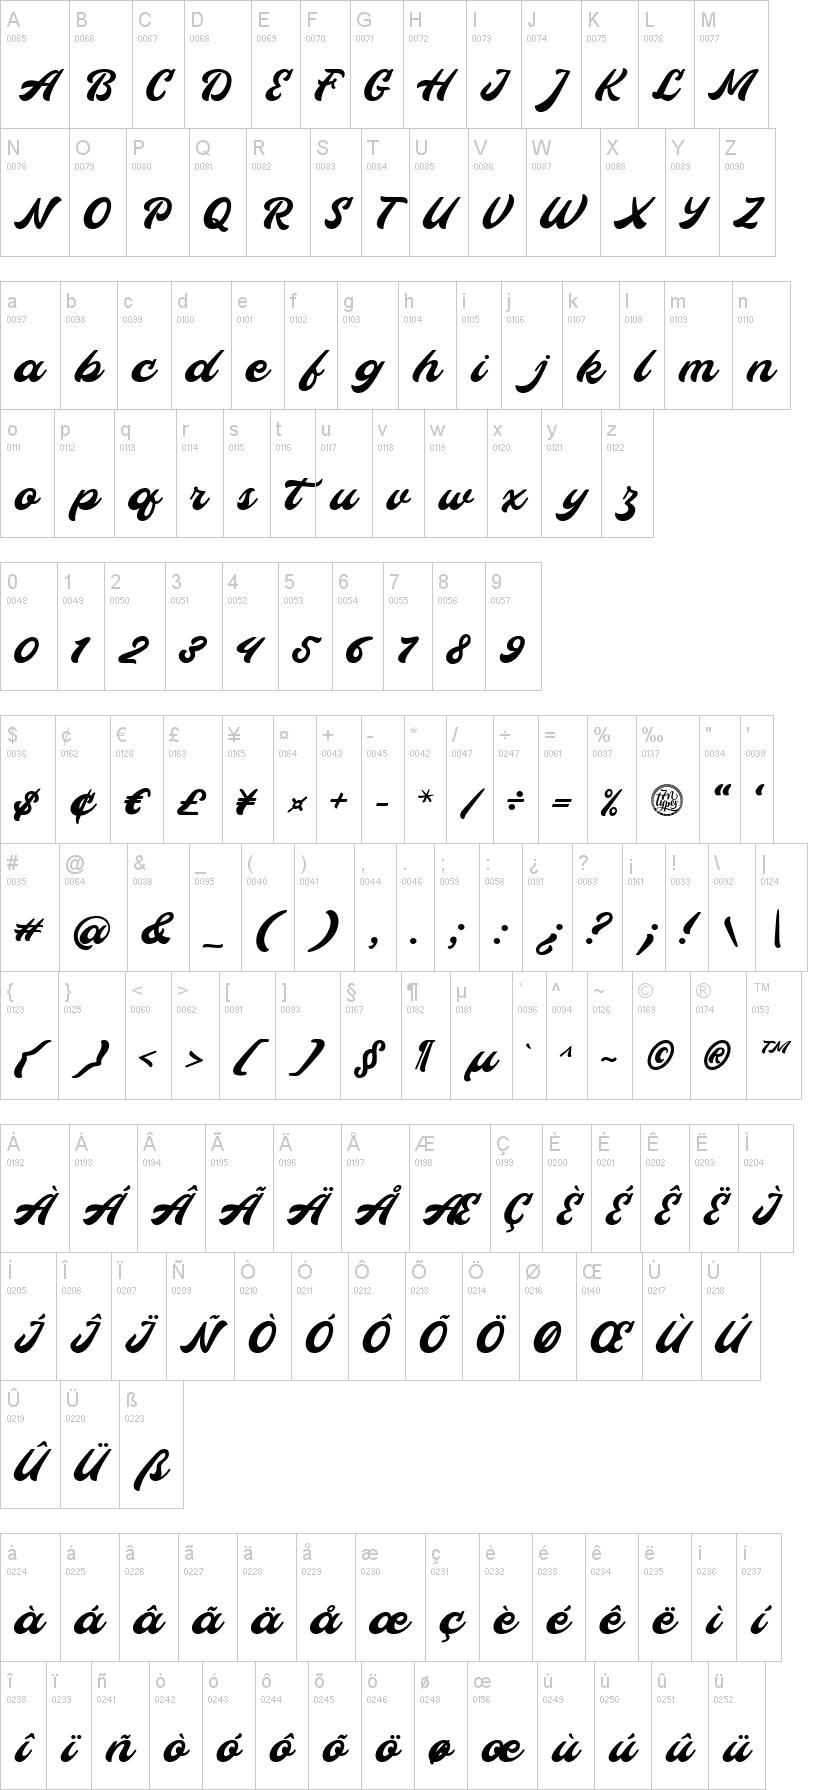 Hopeitissed Font-1